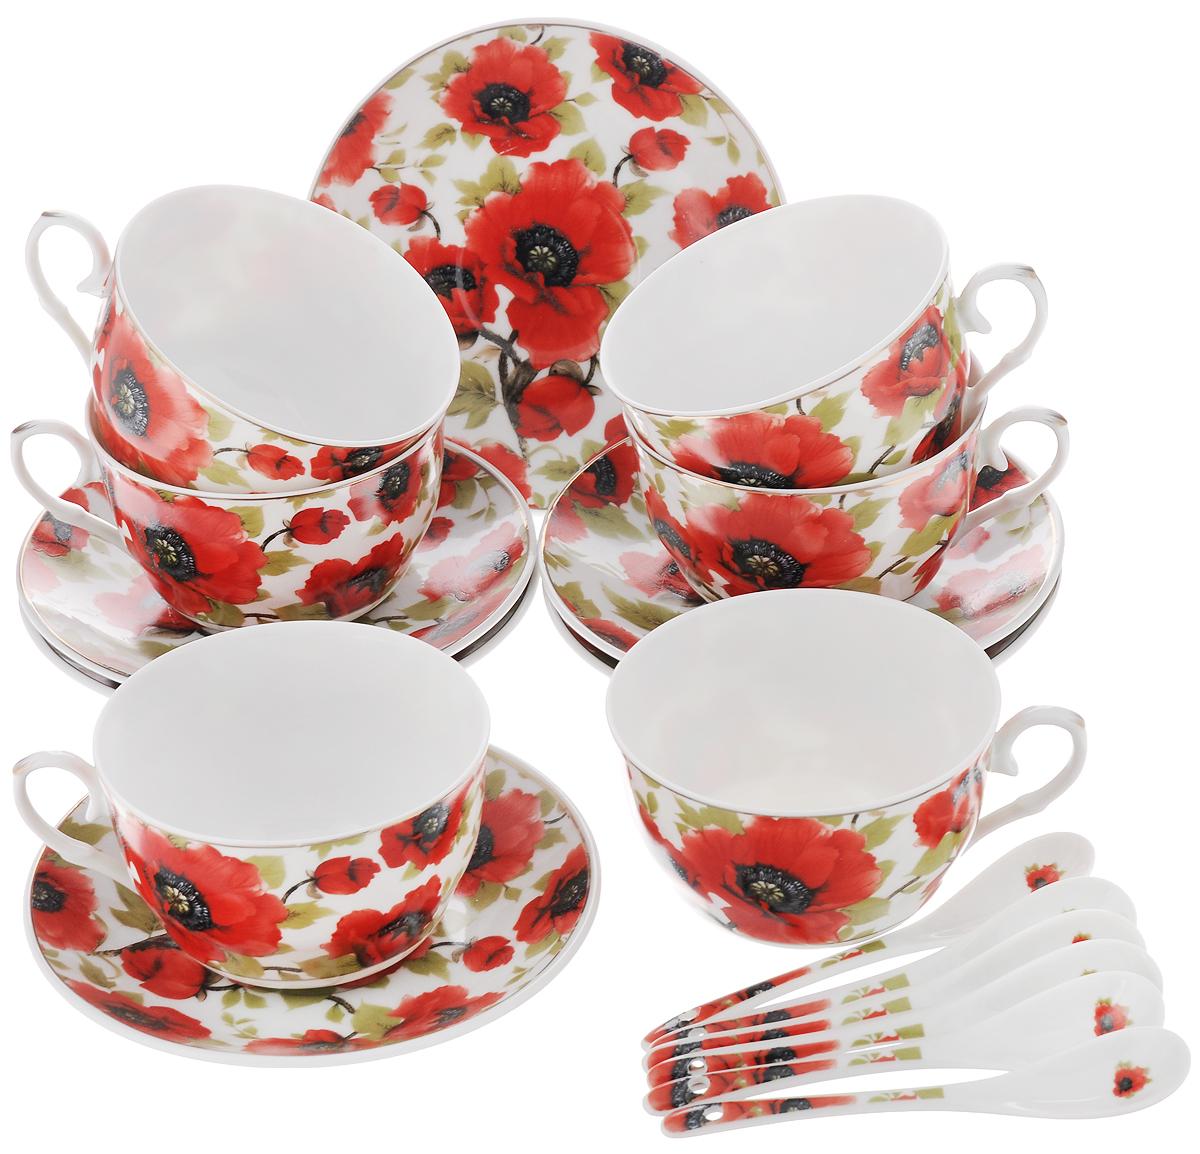 Набор чайный Elan Gallery Маки, с ложками, 18 предметов730479Чайный набор Elan Gallery Маки состоит из 6 чашек, 6 блюдец и 6 ложечек, изготовленных из высококачественной керамики. Предметы набора декорированы изображением цветов. Чайный набор Elan Gallery Маки украсит ваш кухонный стол, а также станет замечательным подарком друзьям и близким. Изделие упаковано в подарочную коробку с атласной подложкой. Не рекомендуется применять абразивные моющие средства. Не использовать в микроволновой печи. Объем чашки: 250 мл. Диаметр чашки по верхнему краю: 9,5 см. Высота чашки: 6 см. Диаметр блюдца: 14 см. Длина ложки: 12,5 см.